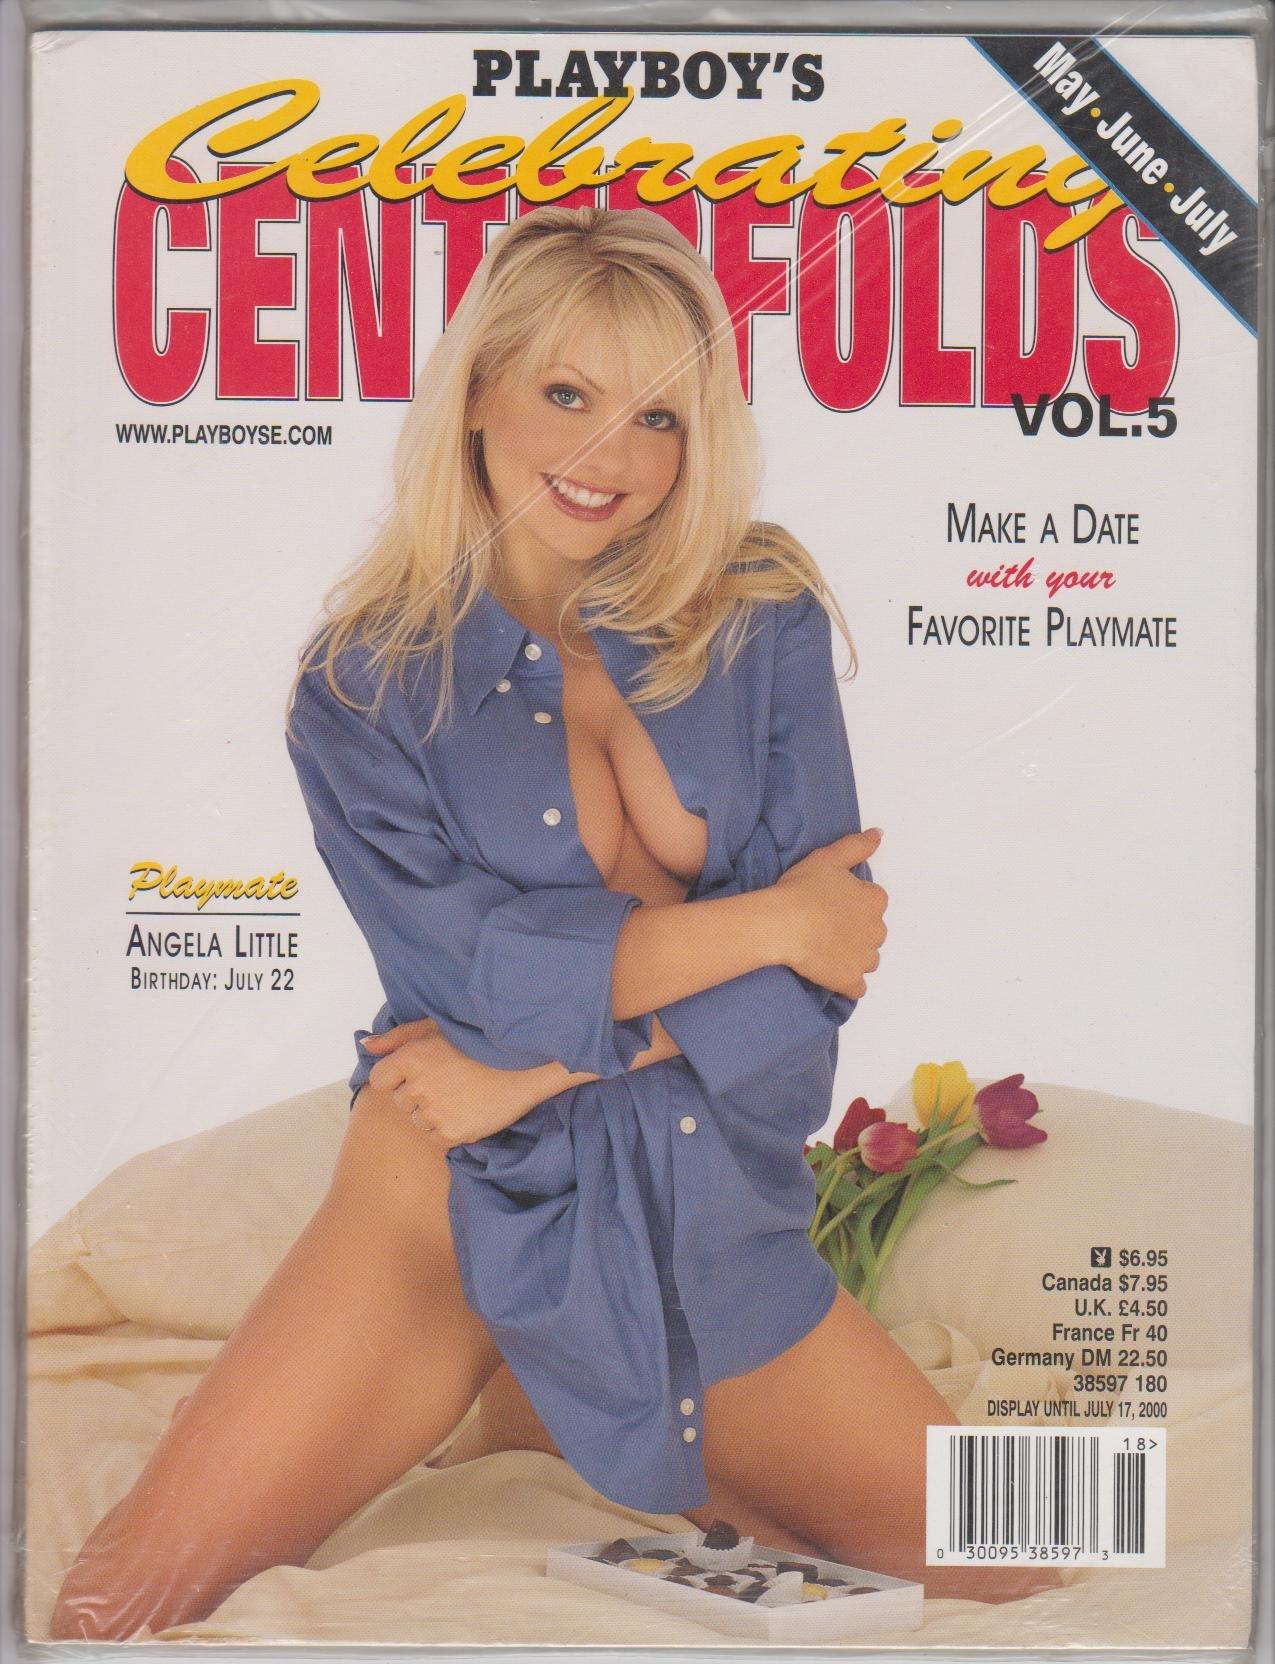 Playboy's Celebrating Centerfolds Vol.5: 2000 pdf